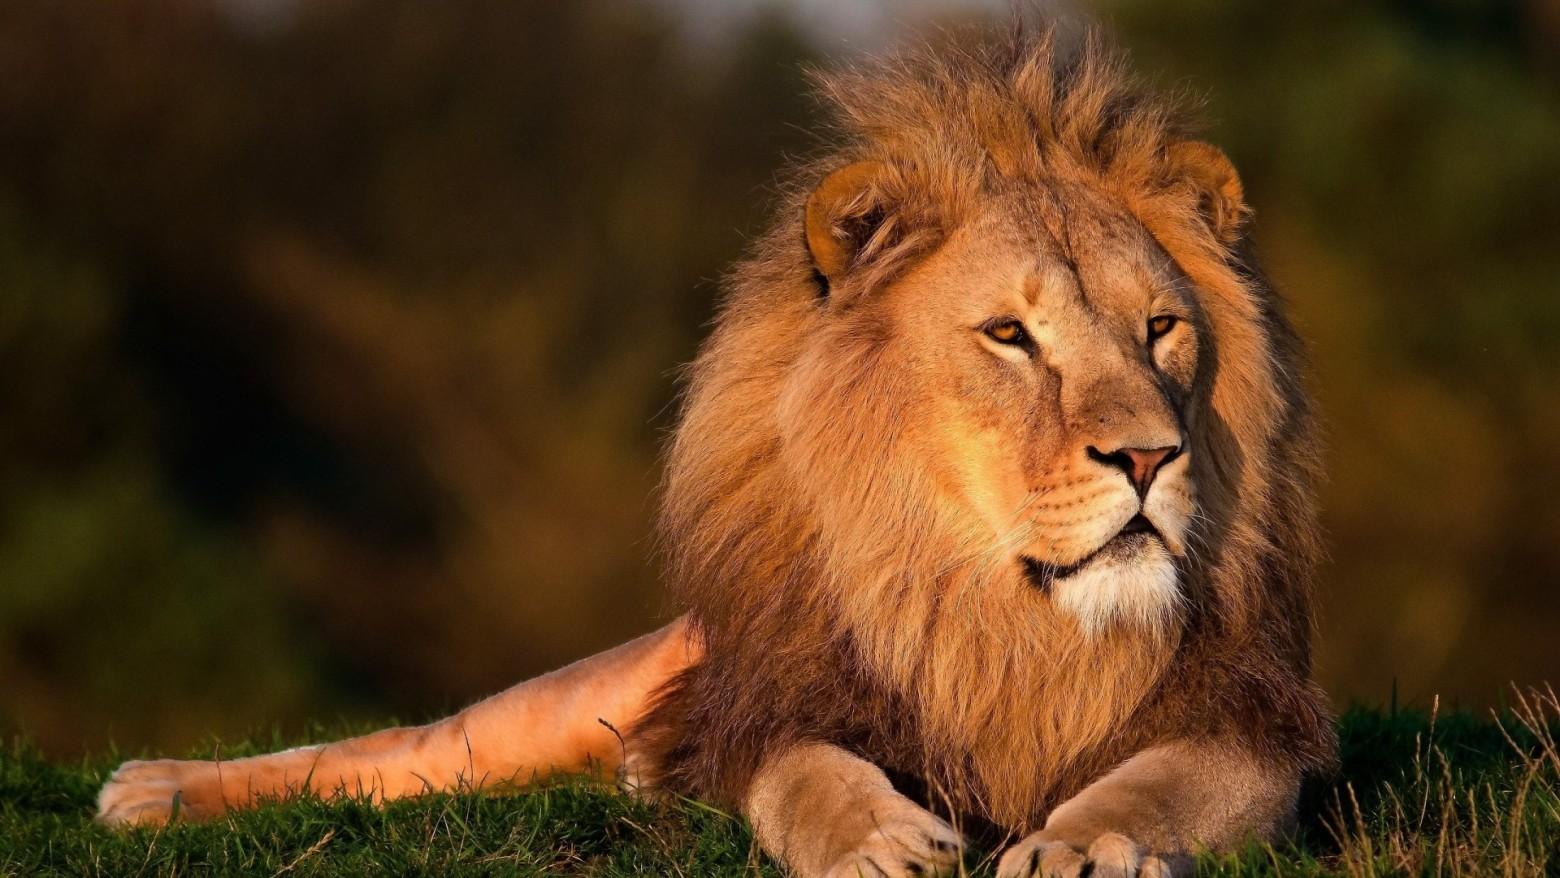 Animaux sauvage lion images photos gratuites images gratuites et libres de droits - Image animaux gratuite ...